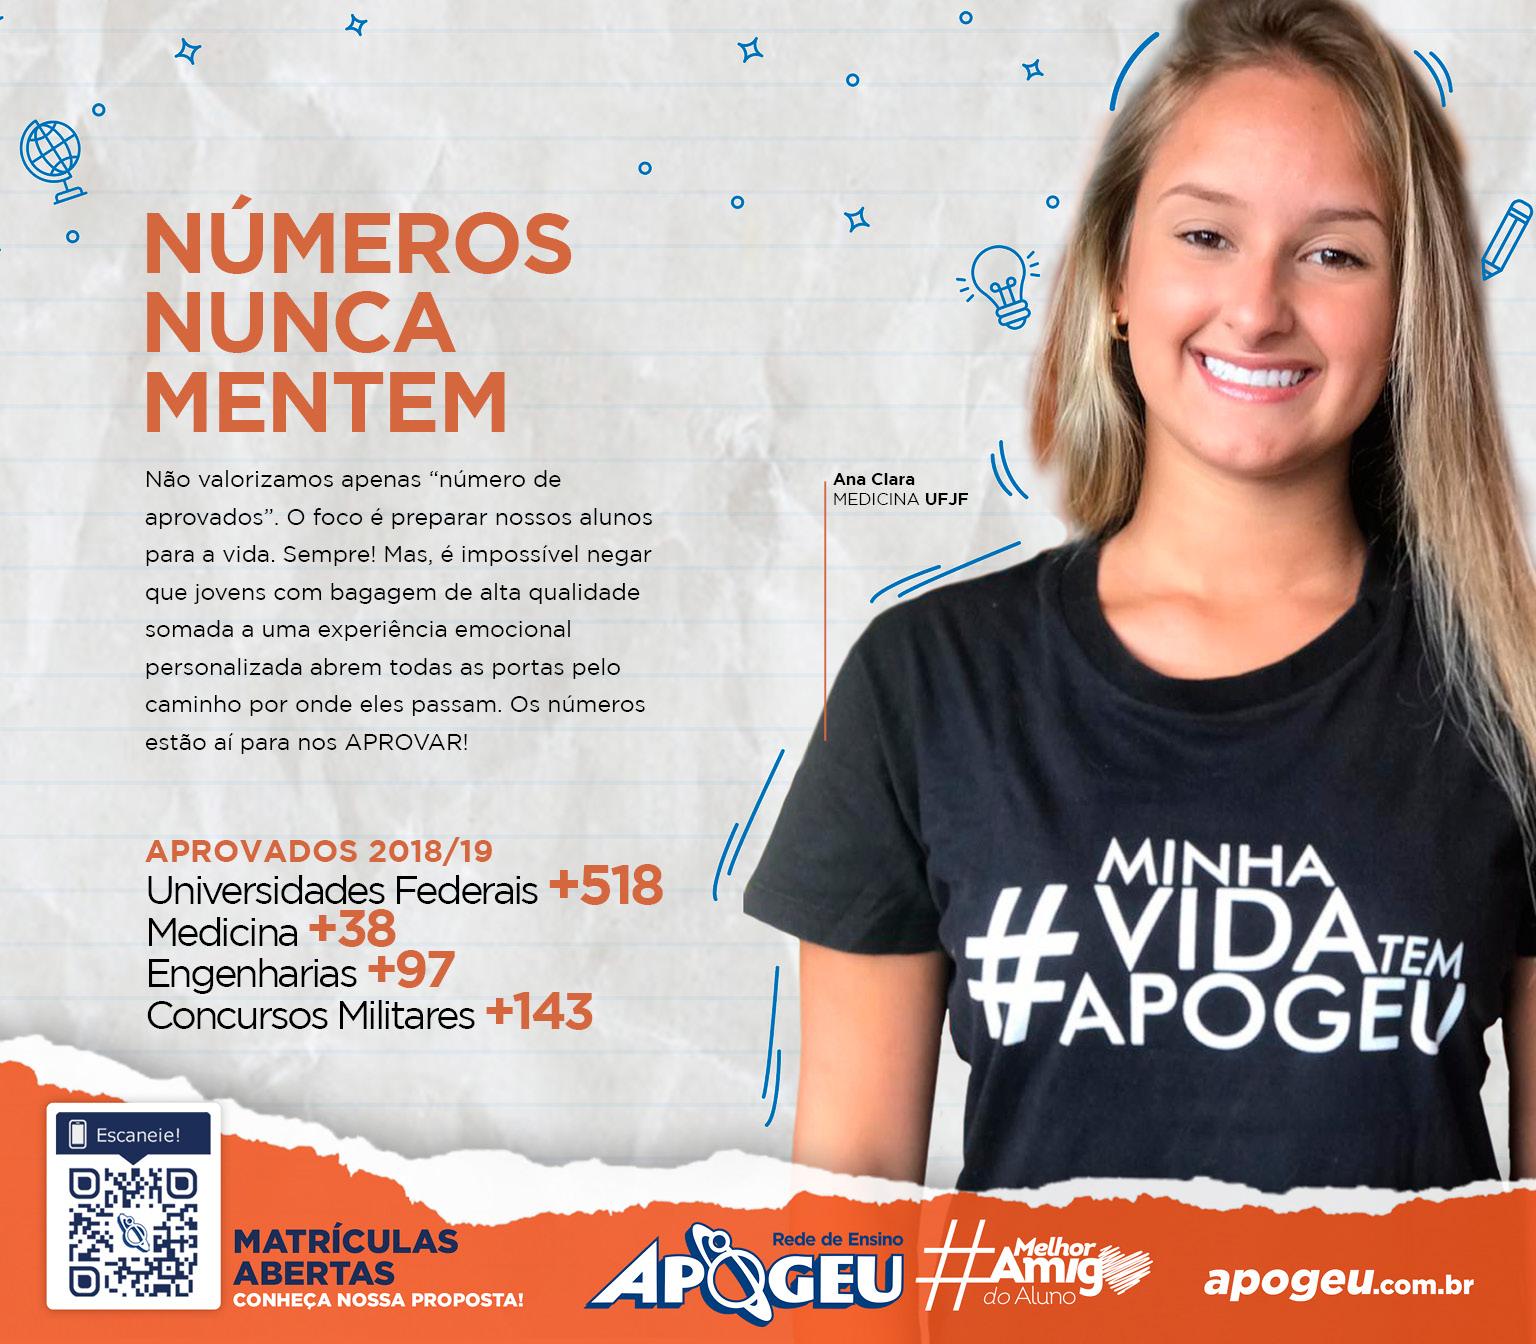 ANUNCIO_04_APOGEU_APROVAÇÕES_26-12